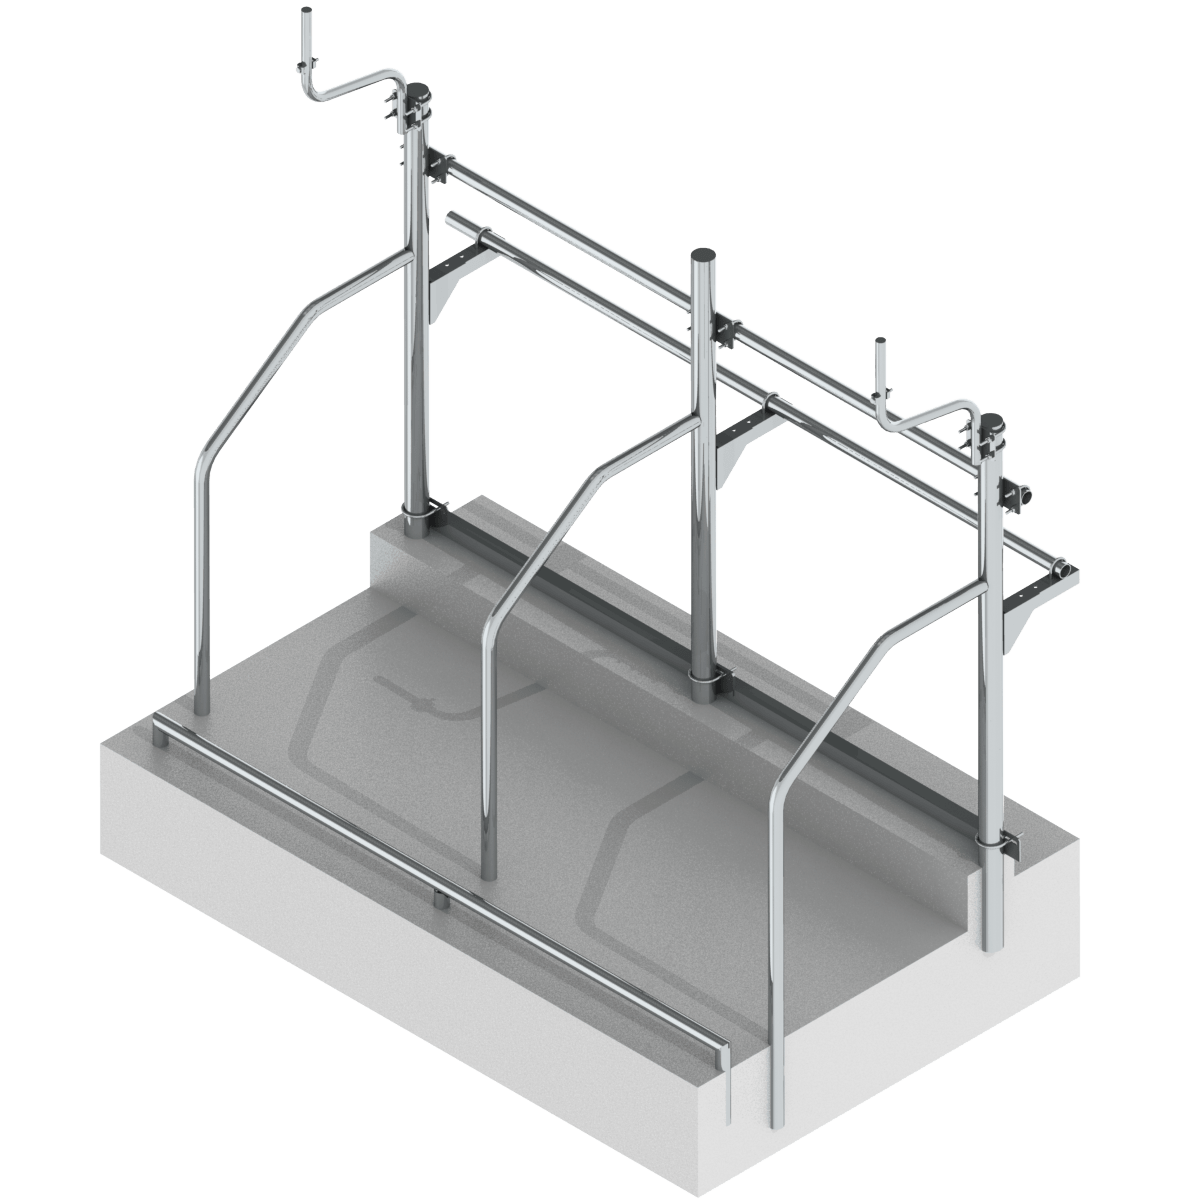 Стійлове обладнання для прив'язного утримання корів